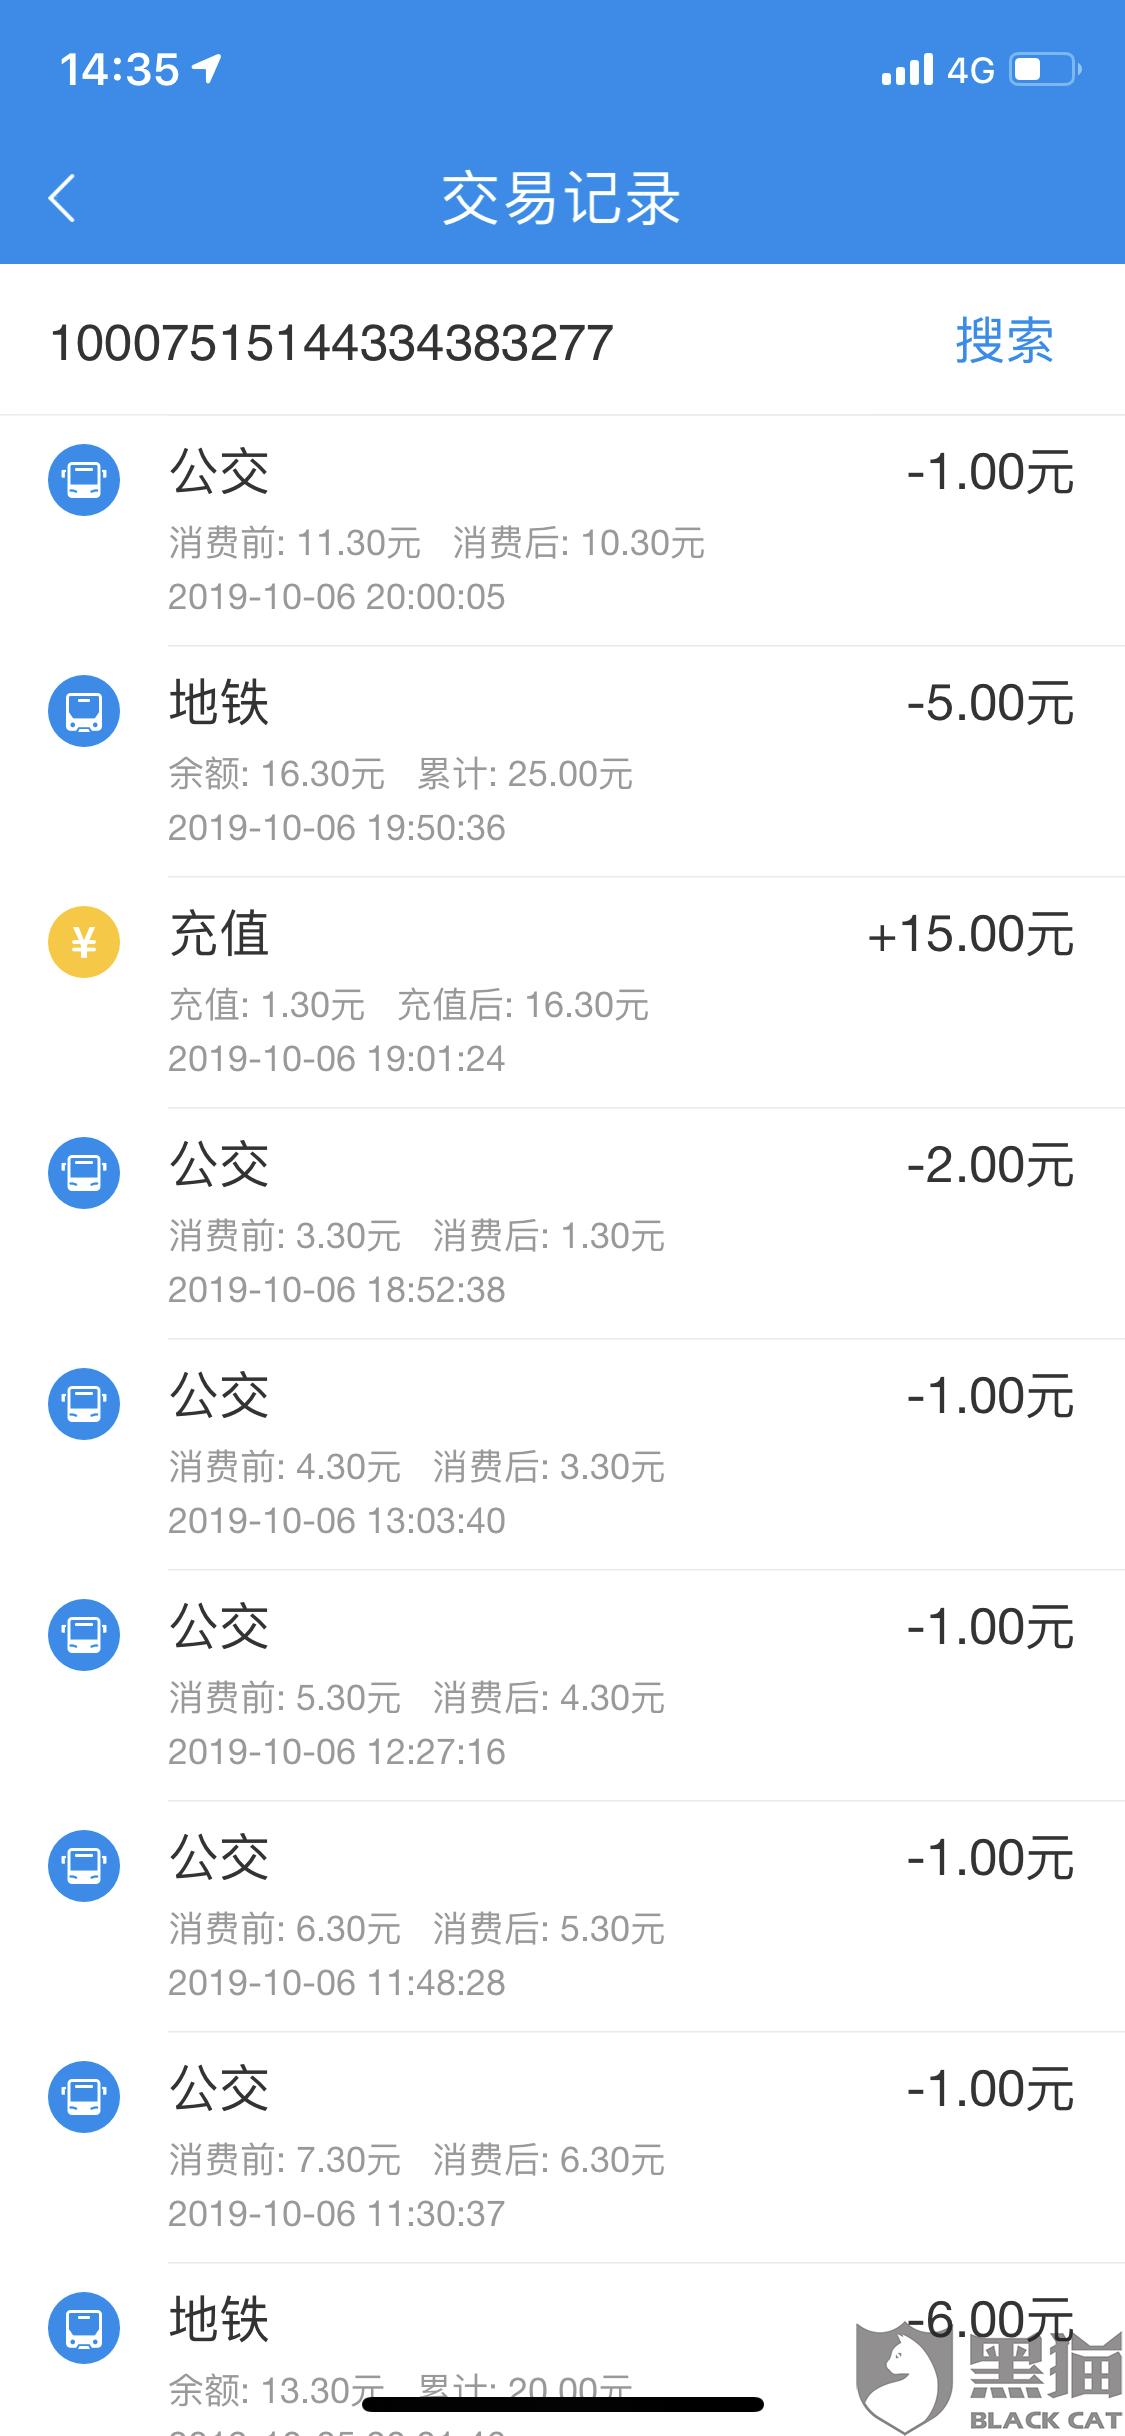 黑猫投诉:退出又重新登陆苹果ID后 北京一卡通APP中卡和钱都消失了